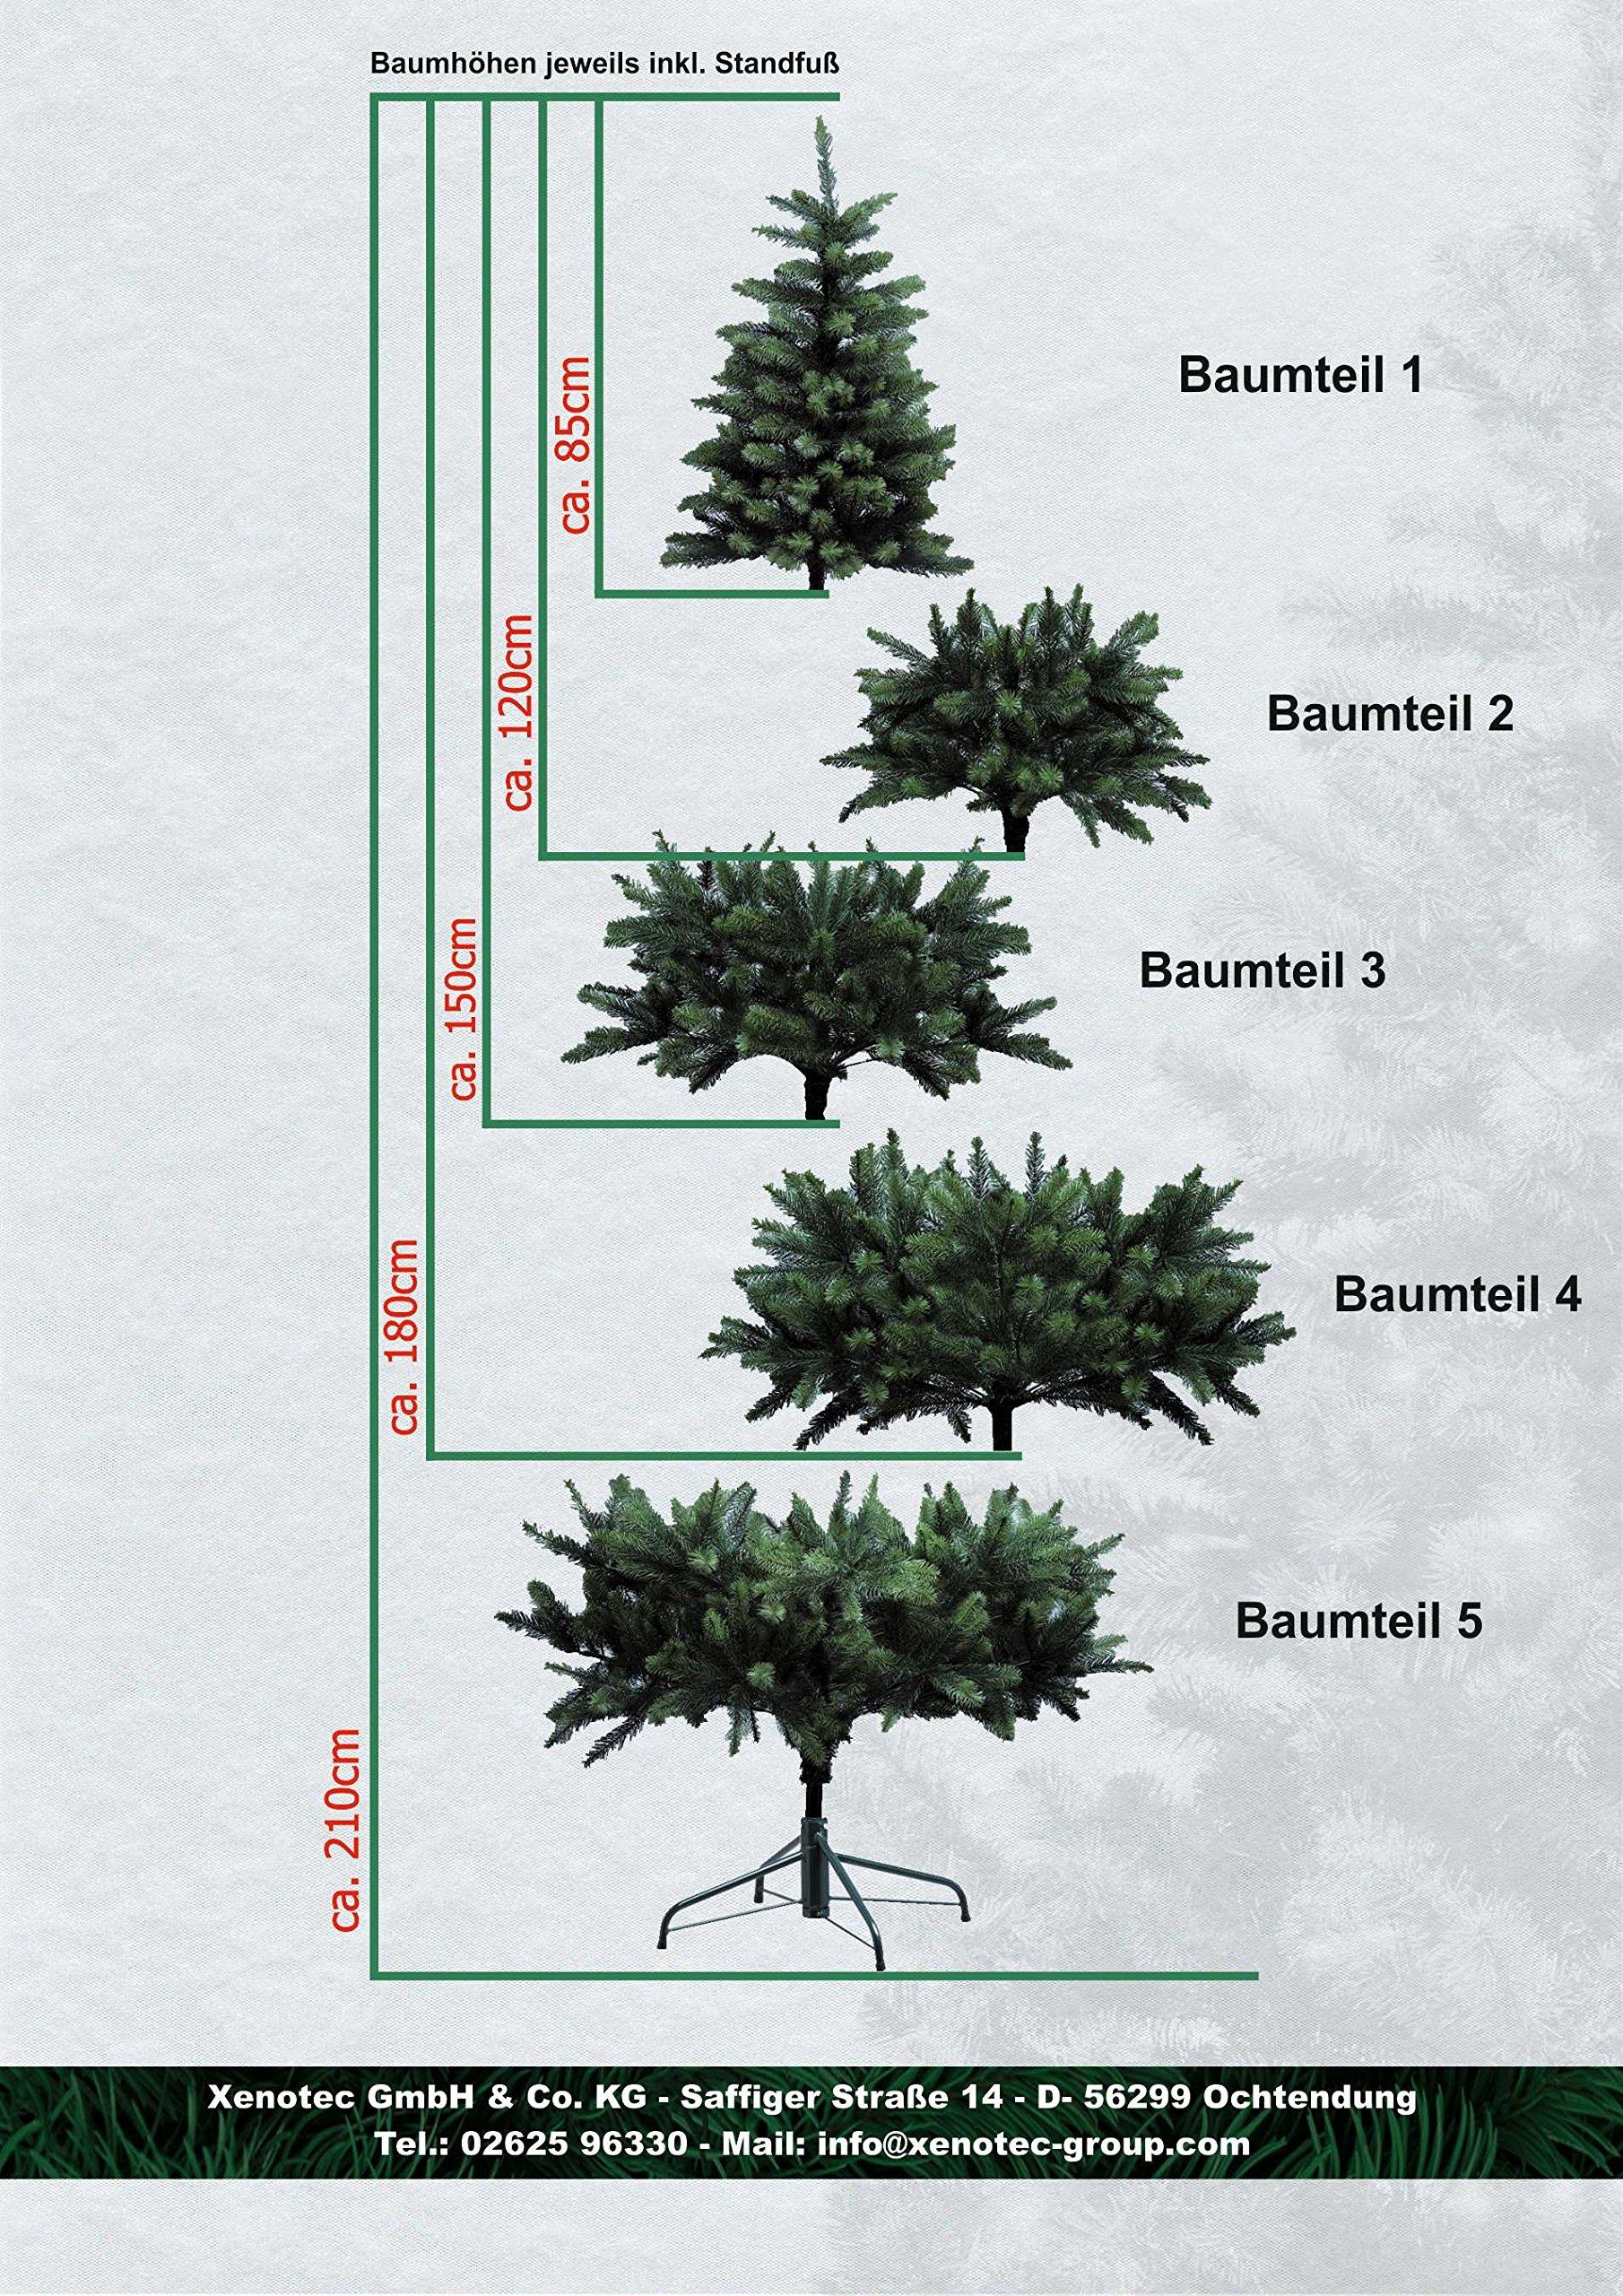 XENOTEC-Voll-PE-Weihnachtsbaum-knstlich-Hhe-ca-120-cm-naturgetreu-im-Spritzgussverfahren-hergestellt